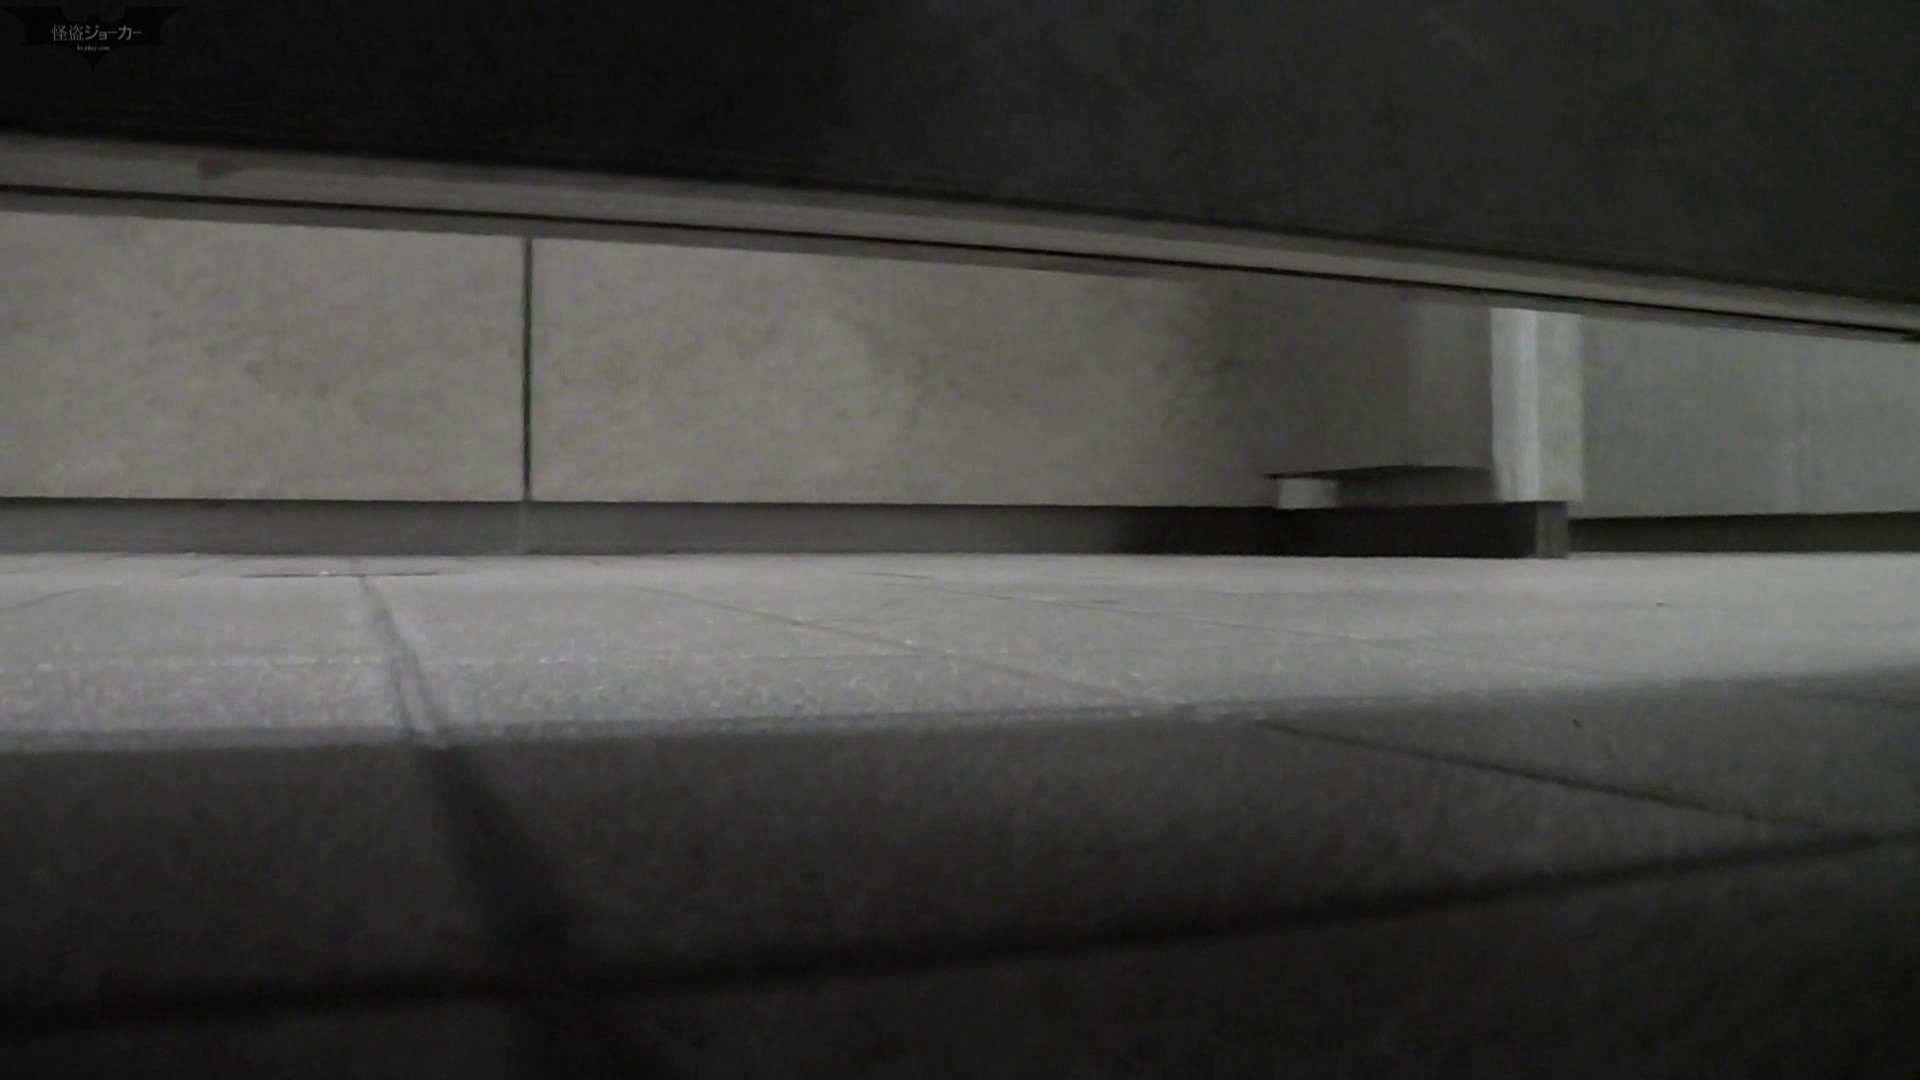 お銀 vol.67 新たな場所への挑戦が始まる!! 美人の裸体 おめこ無修正動画無料 112枚 27